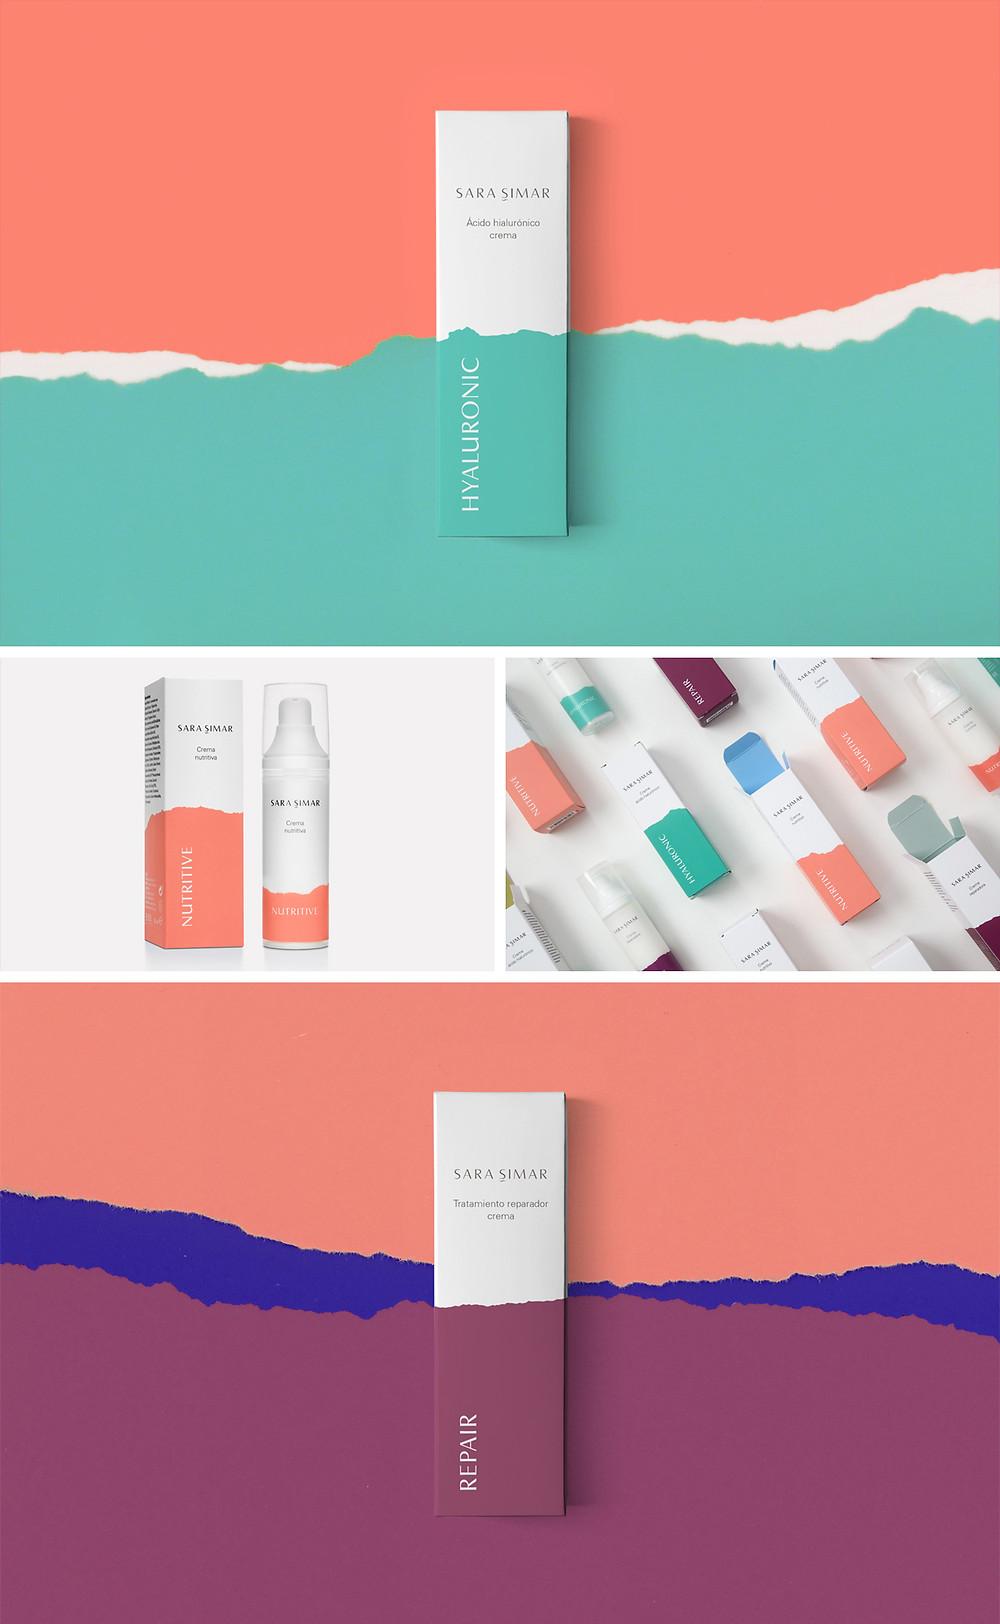 Coral in Sara Simar packaging design